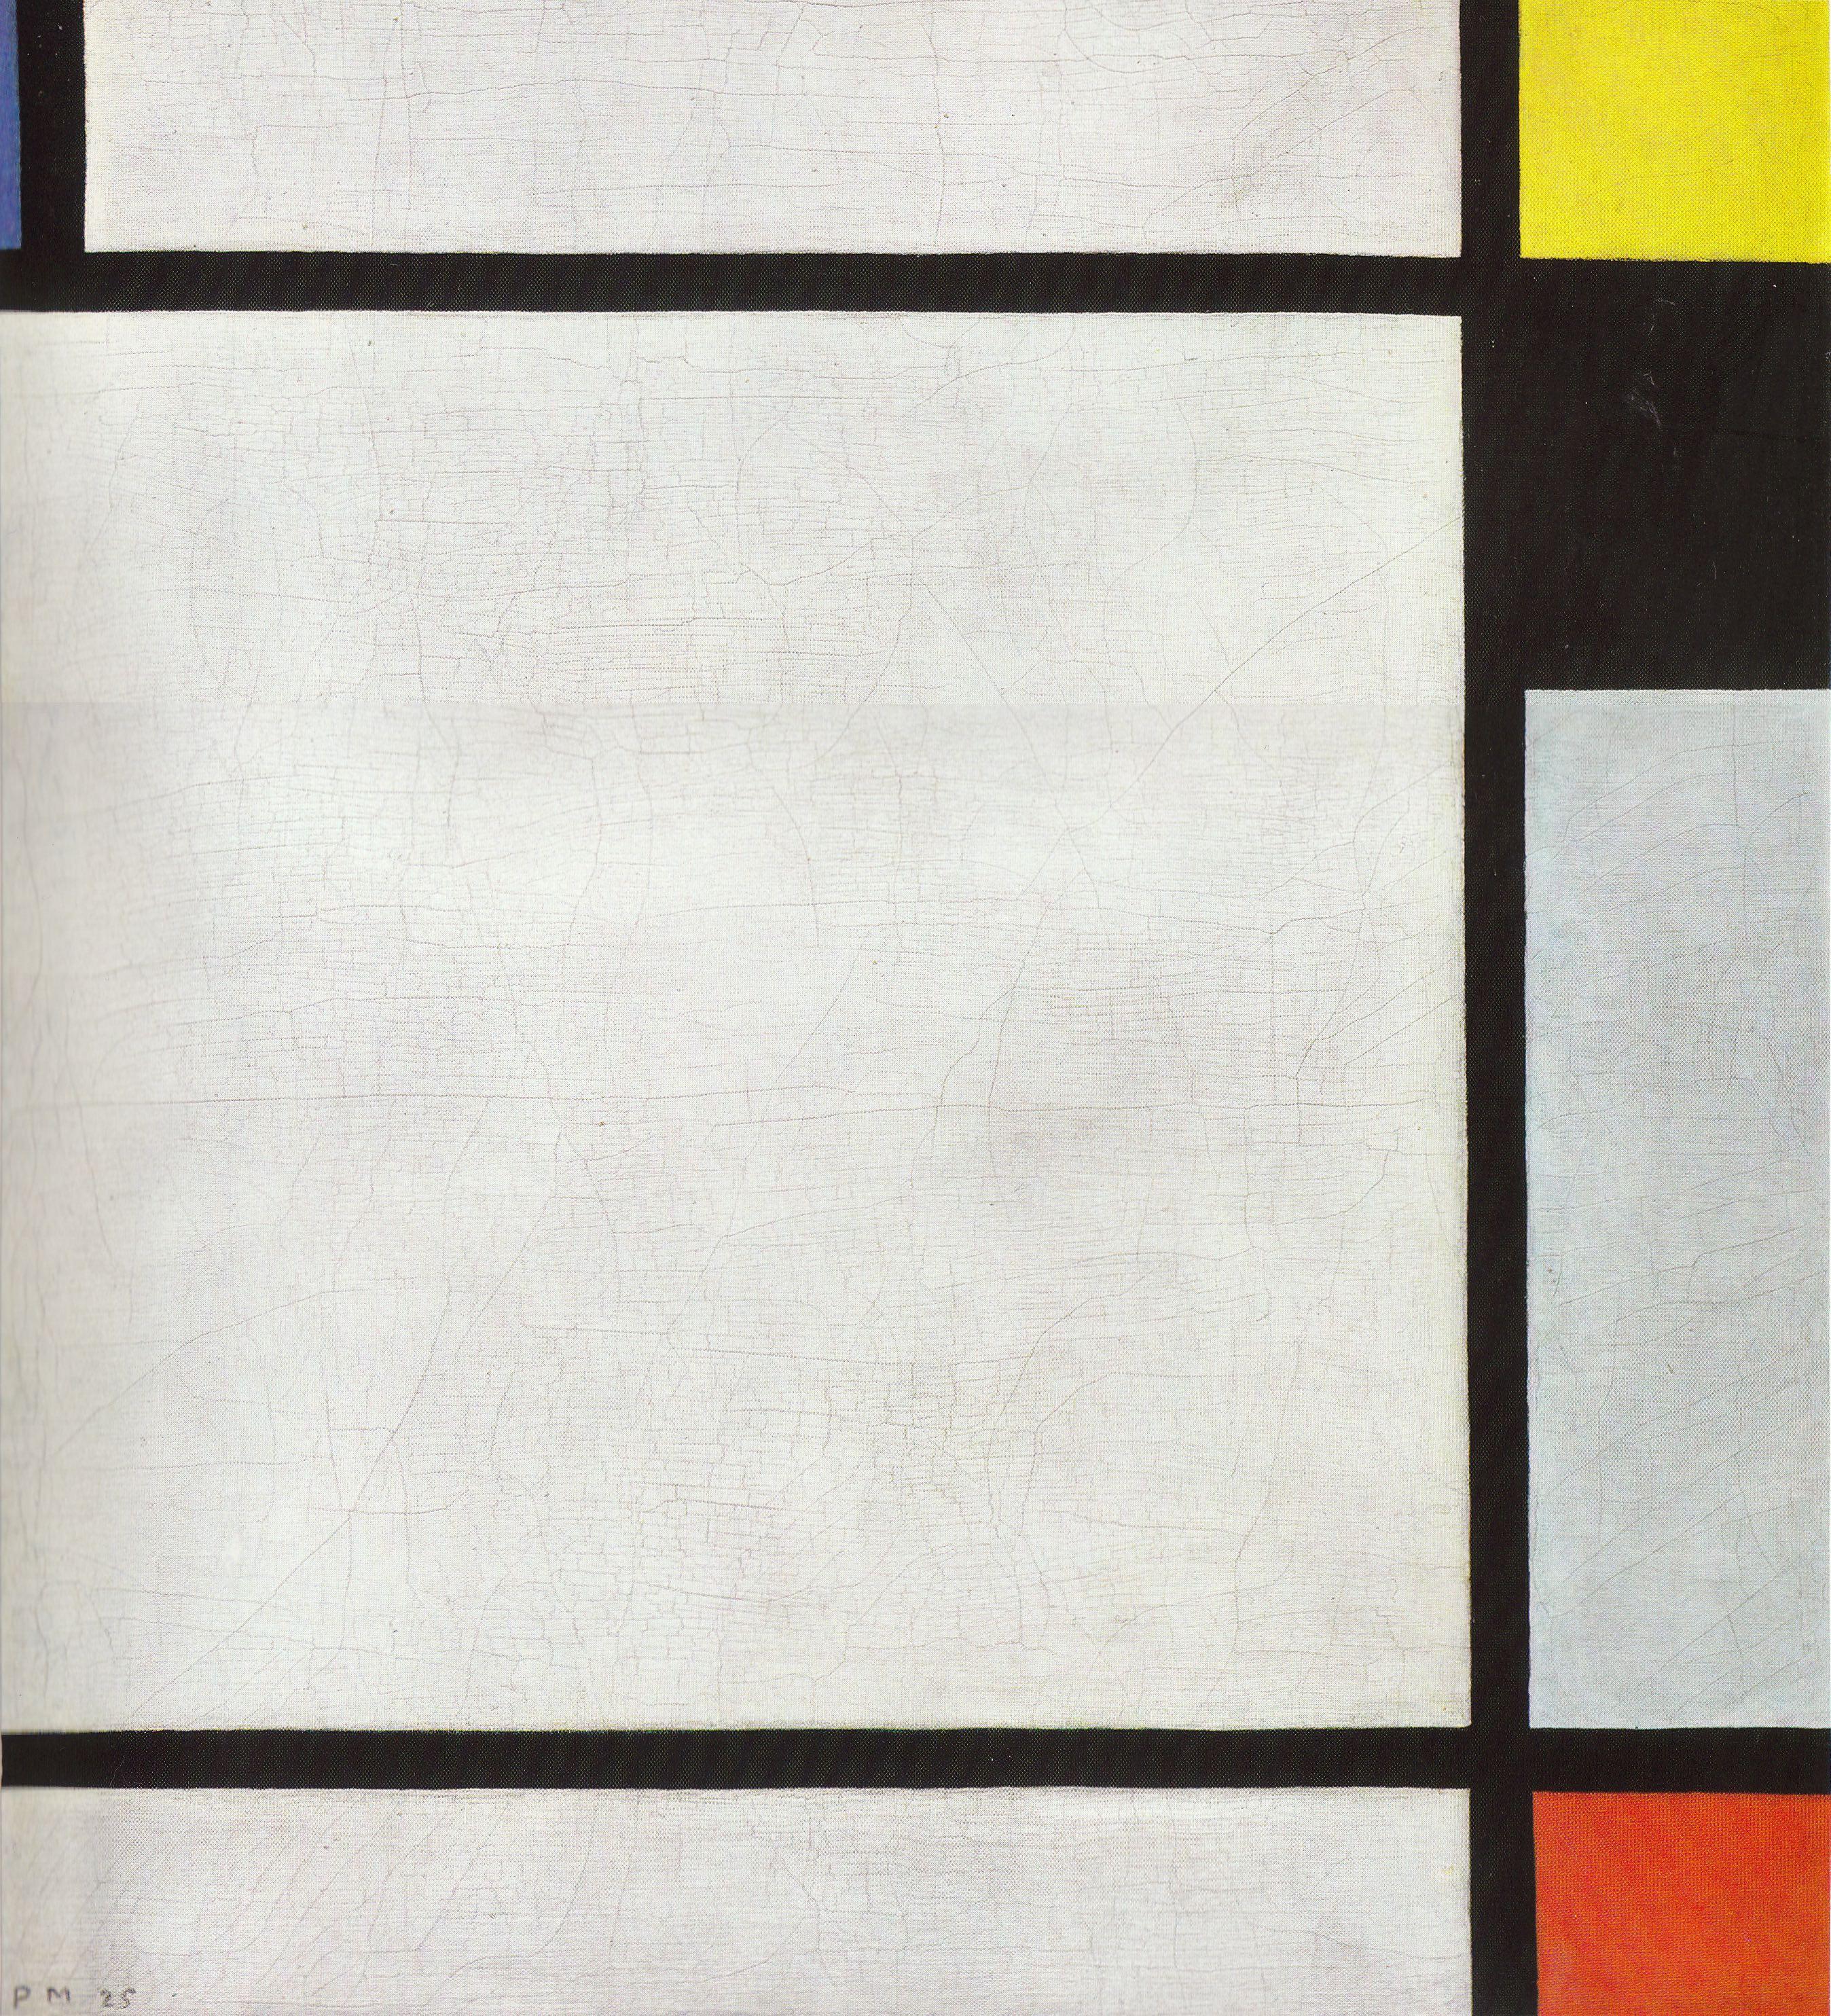 Piet Mondrian: Auch um dieses Tableau N VII von Piet Mondrian streiten sich das Krefelder Museum und die Erben.